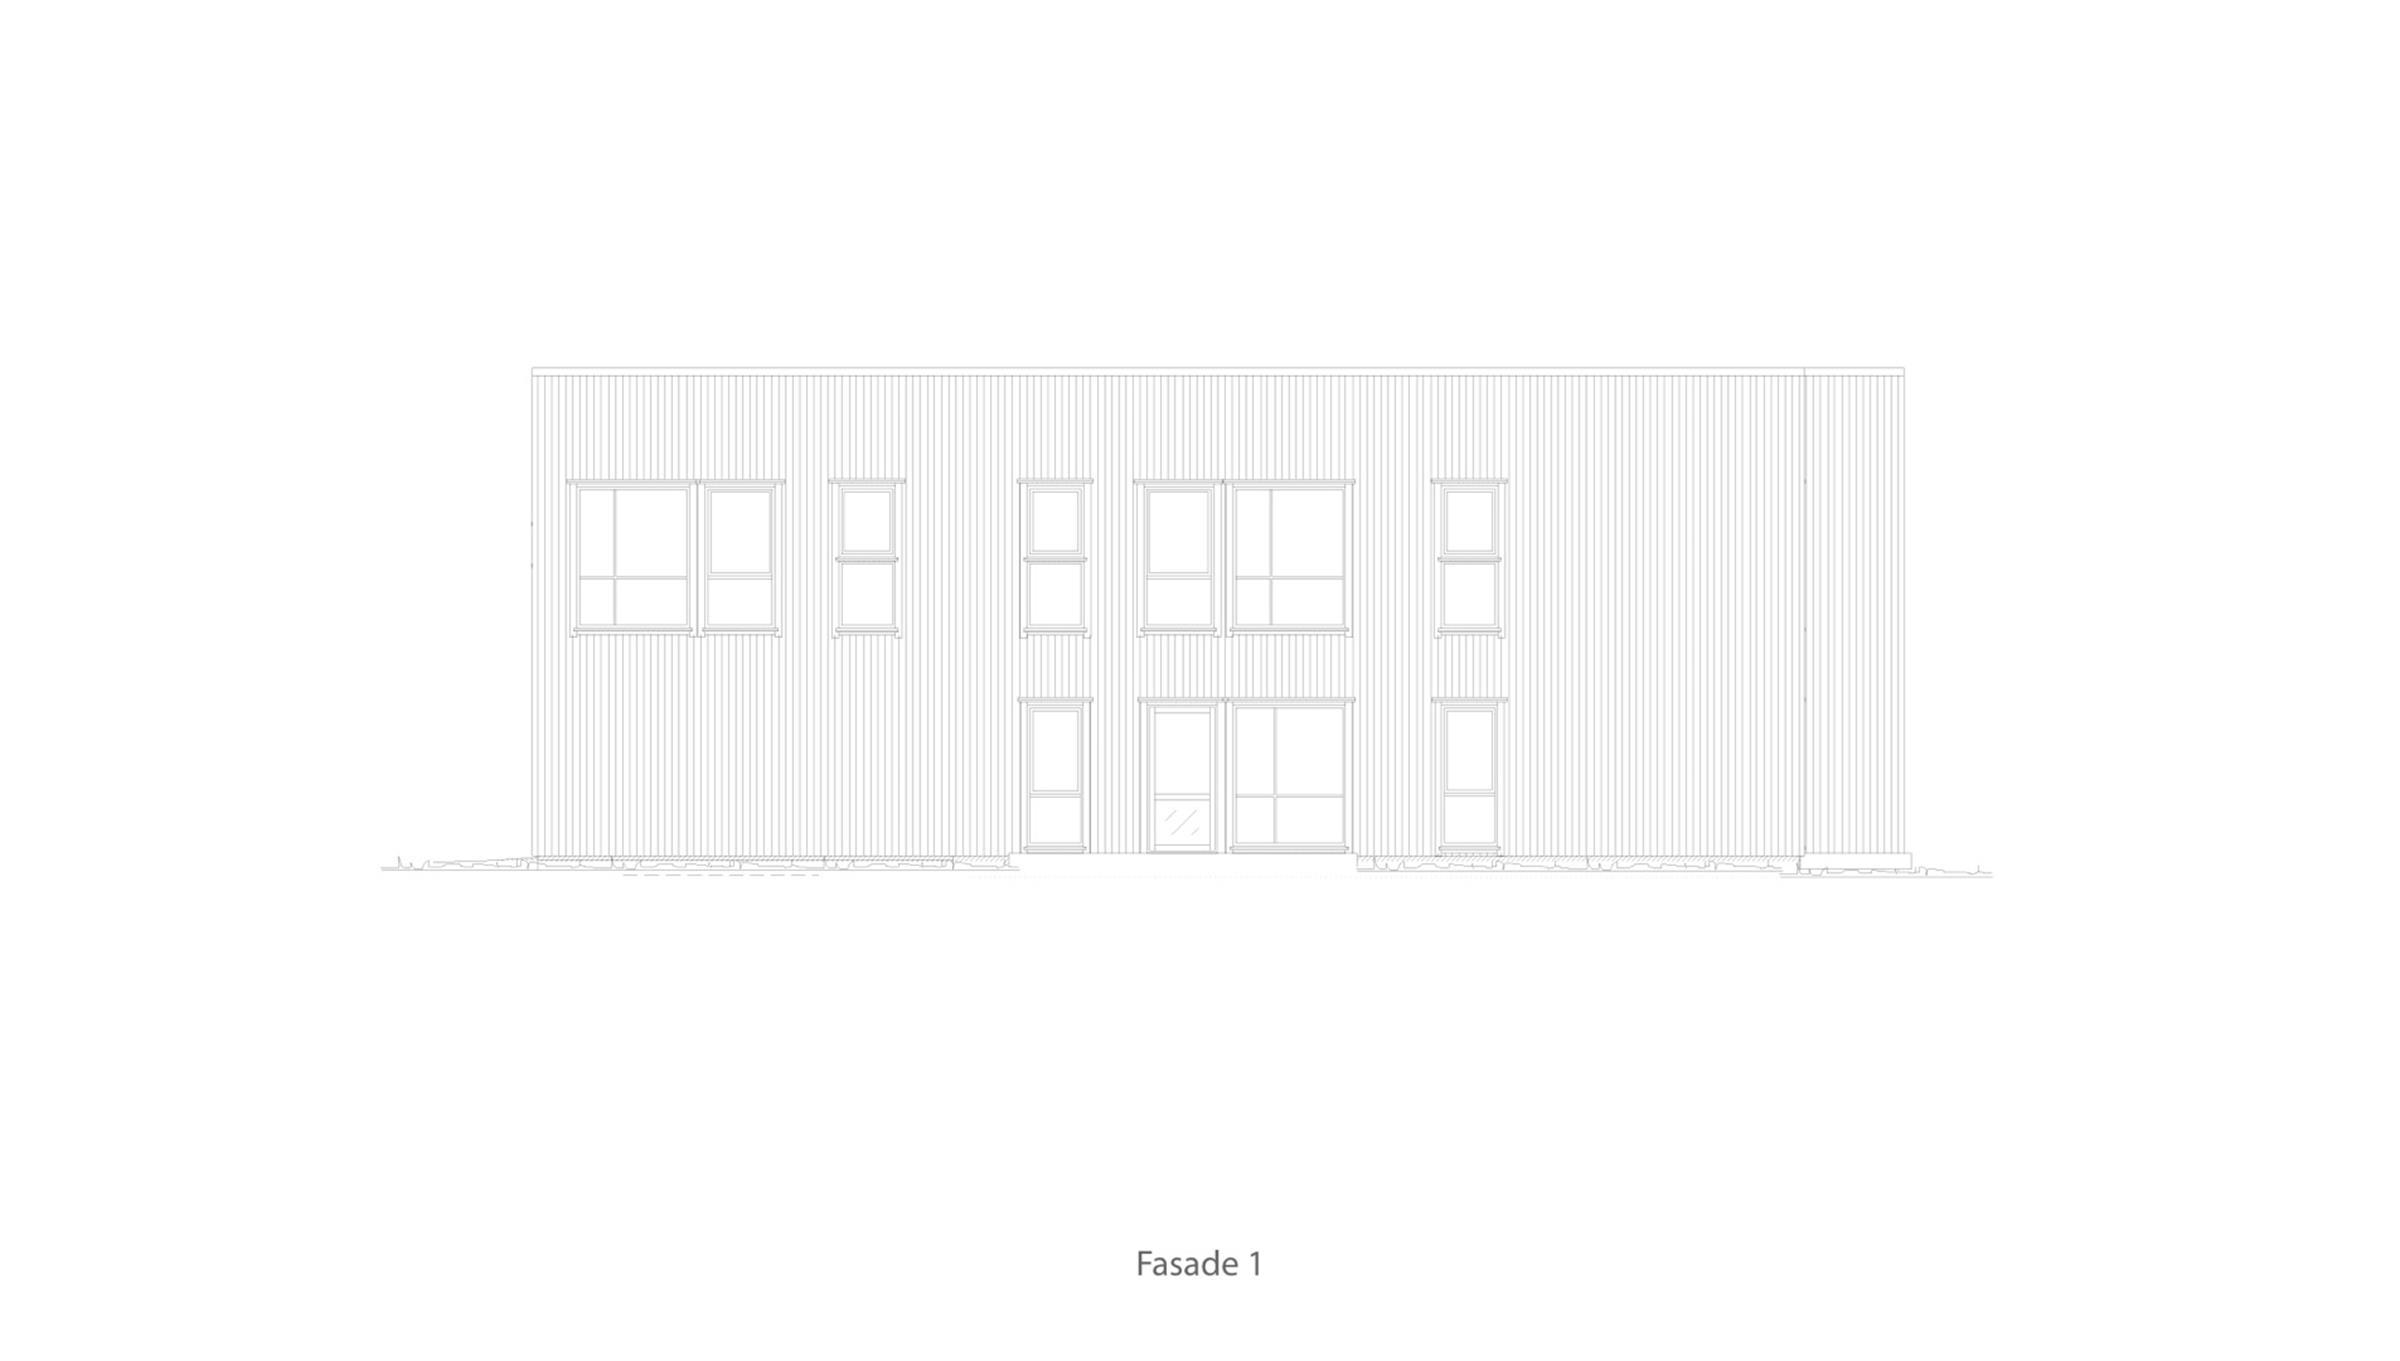 Brumunddal fasade 1